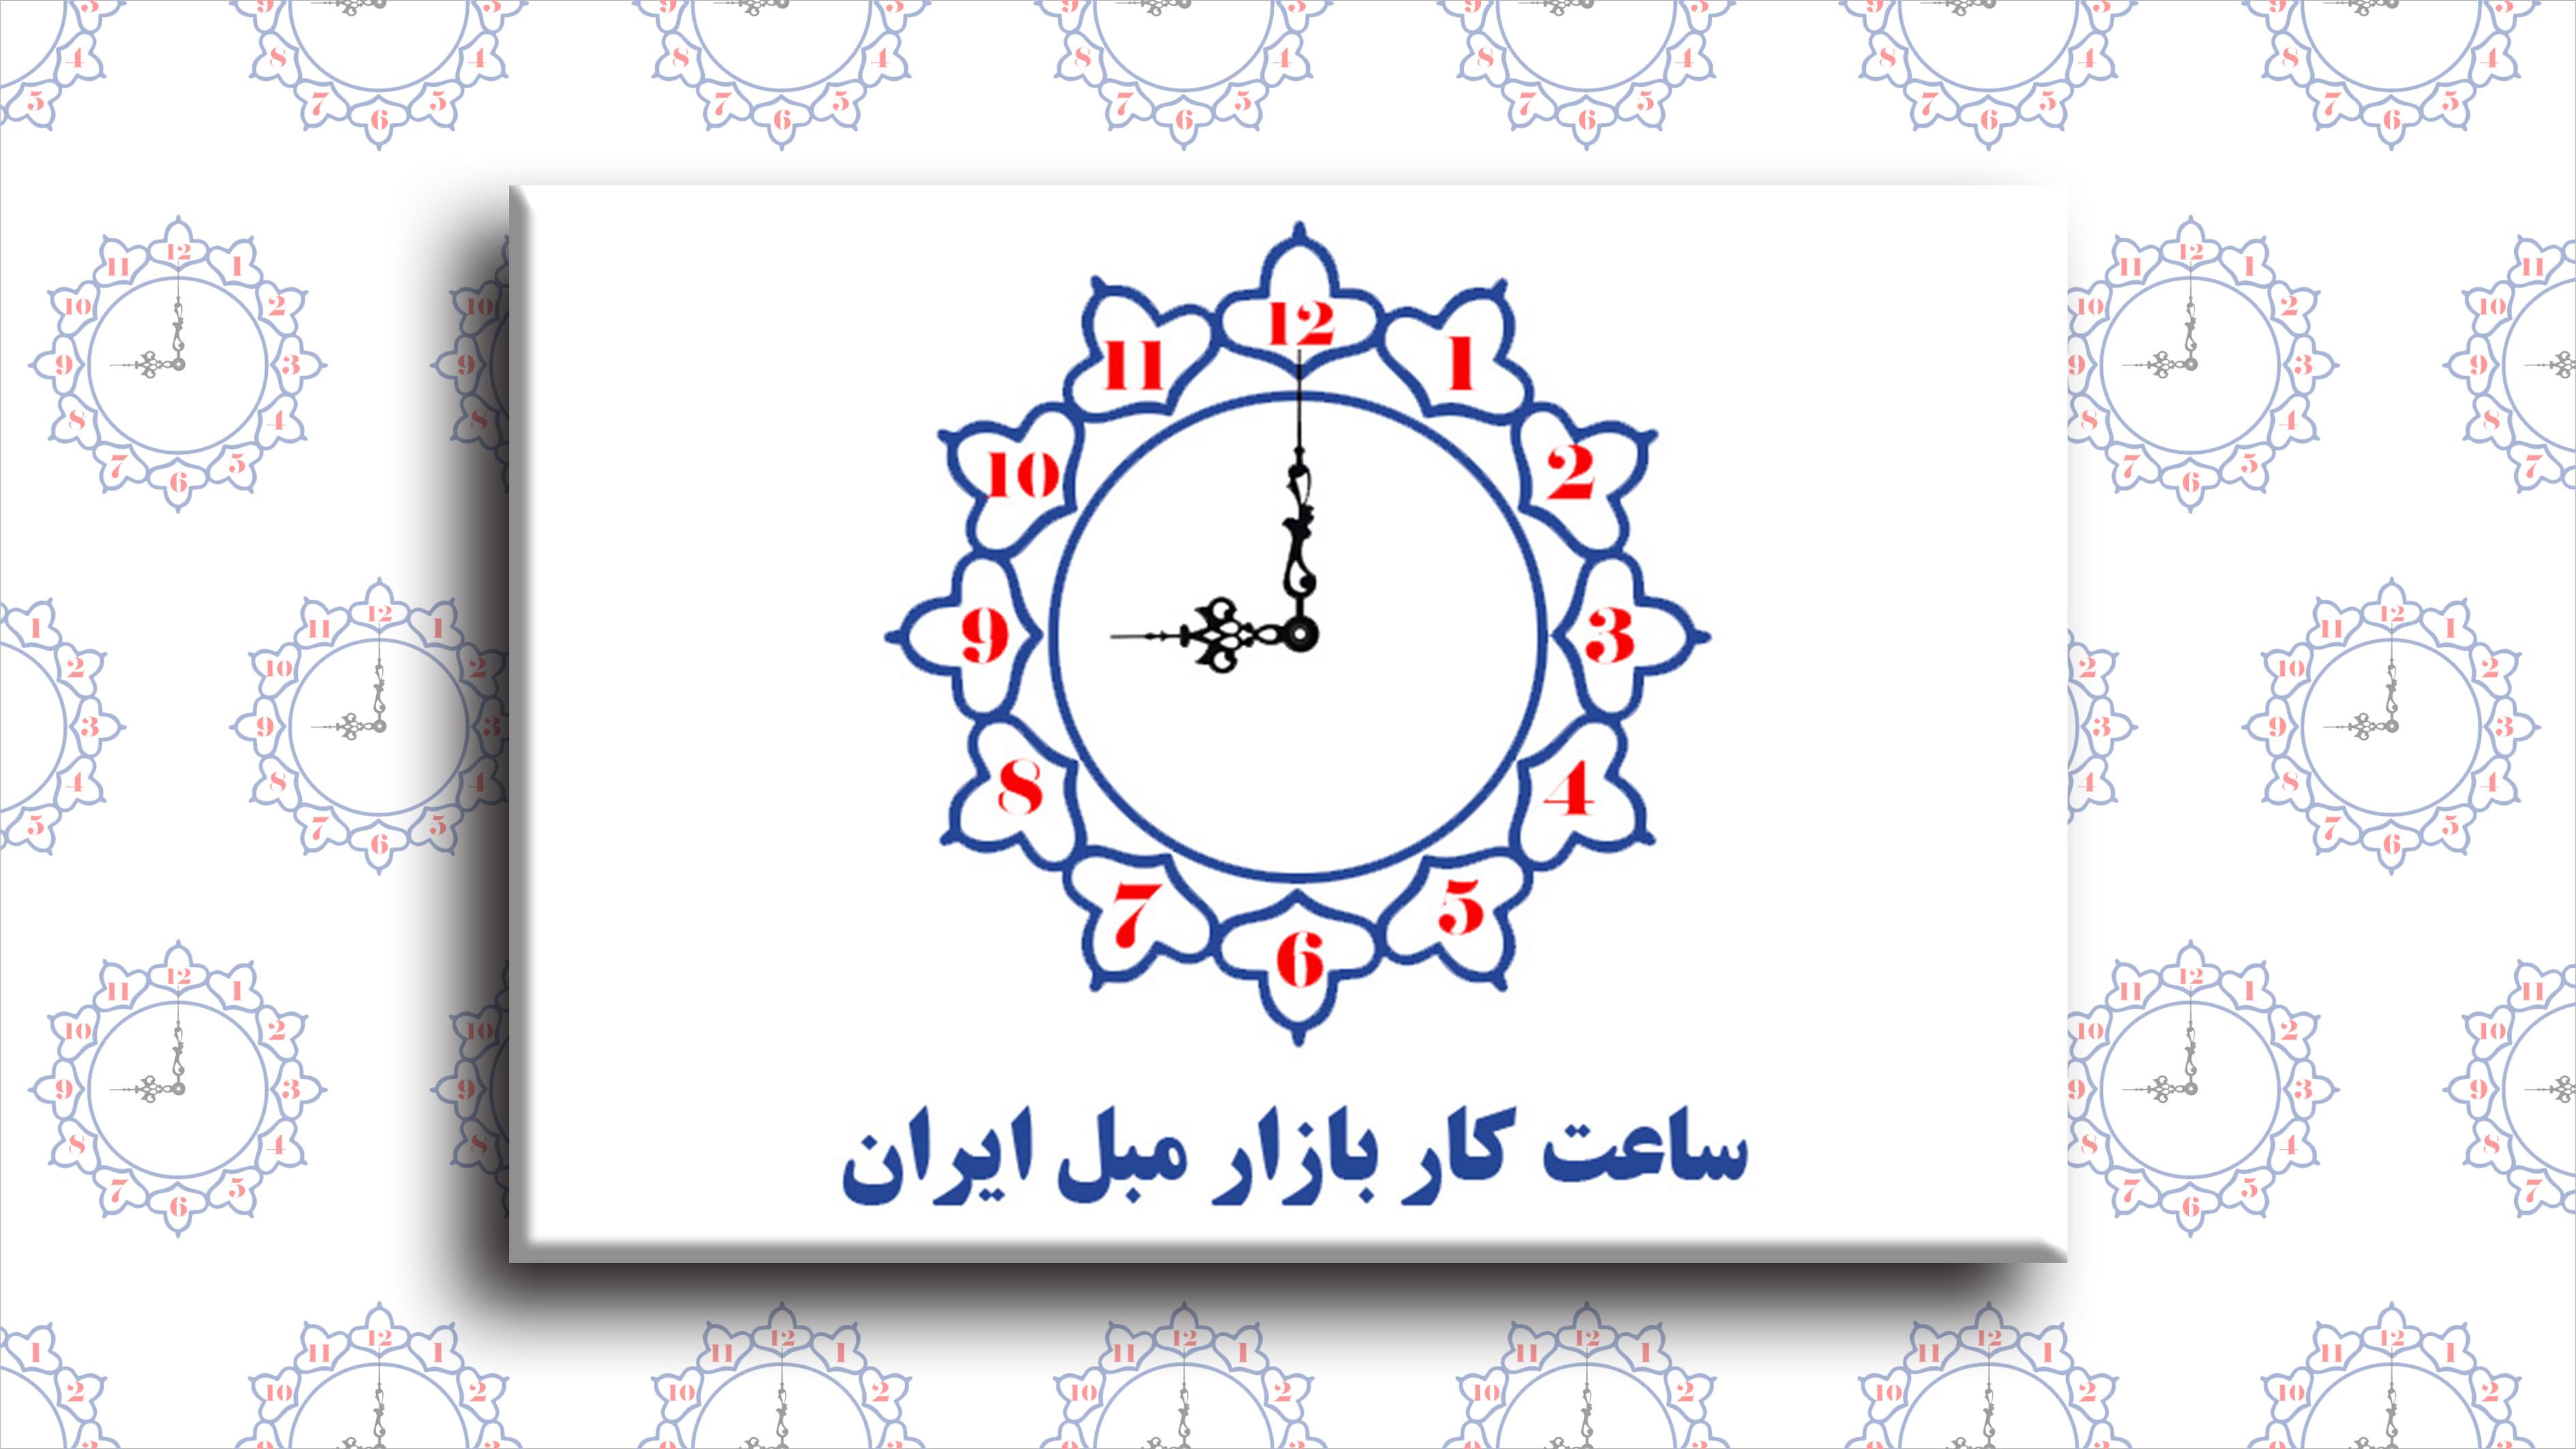 ساعت فعالیت بازار مبل ایران در روز 22 فروردین